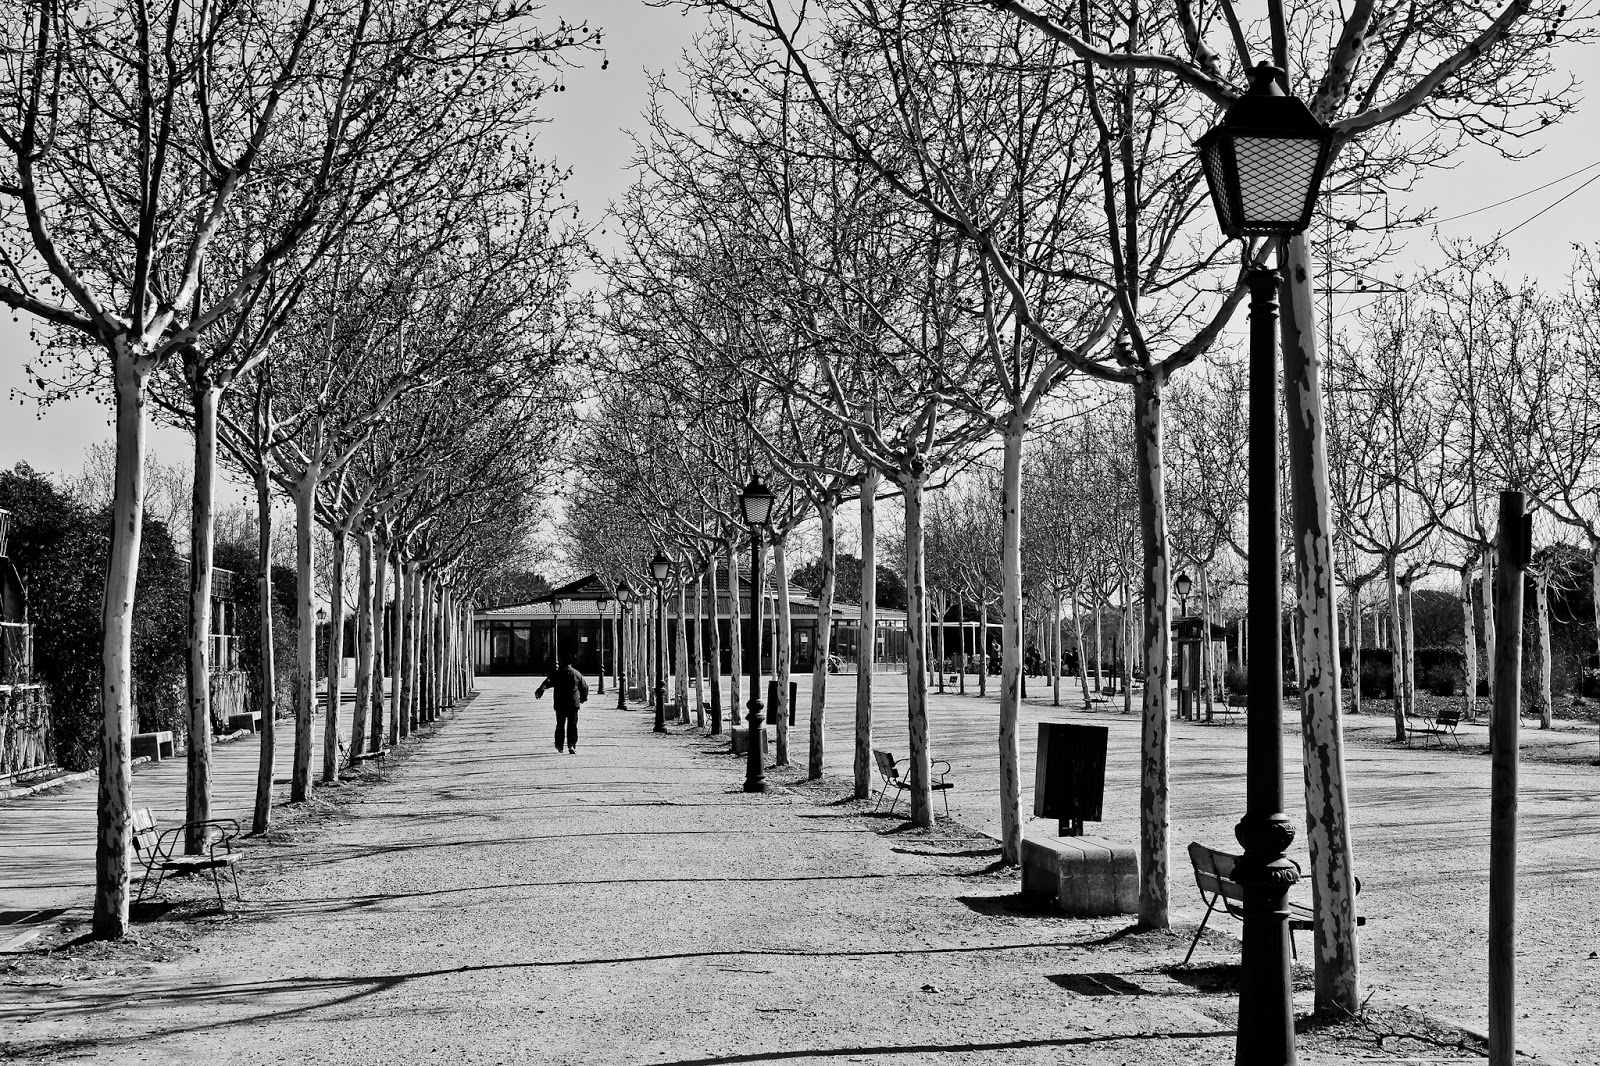 Caminante Parque Polvoranca, Alcorcón 2014